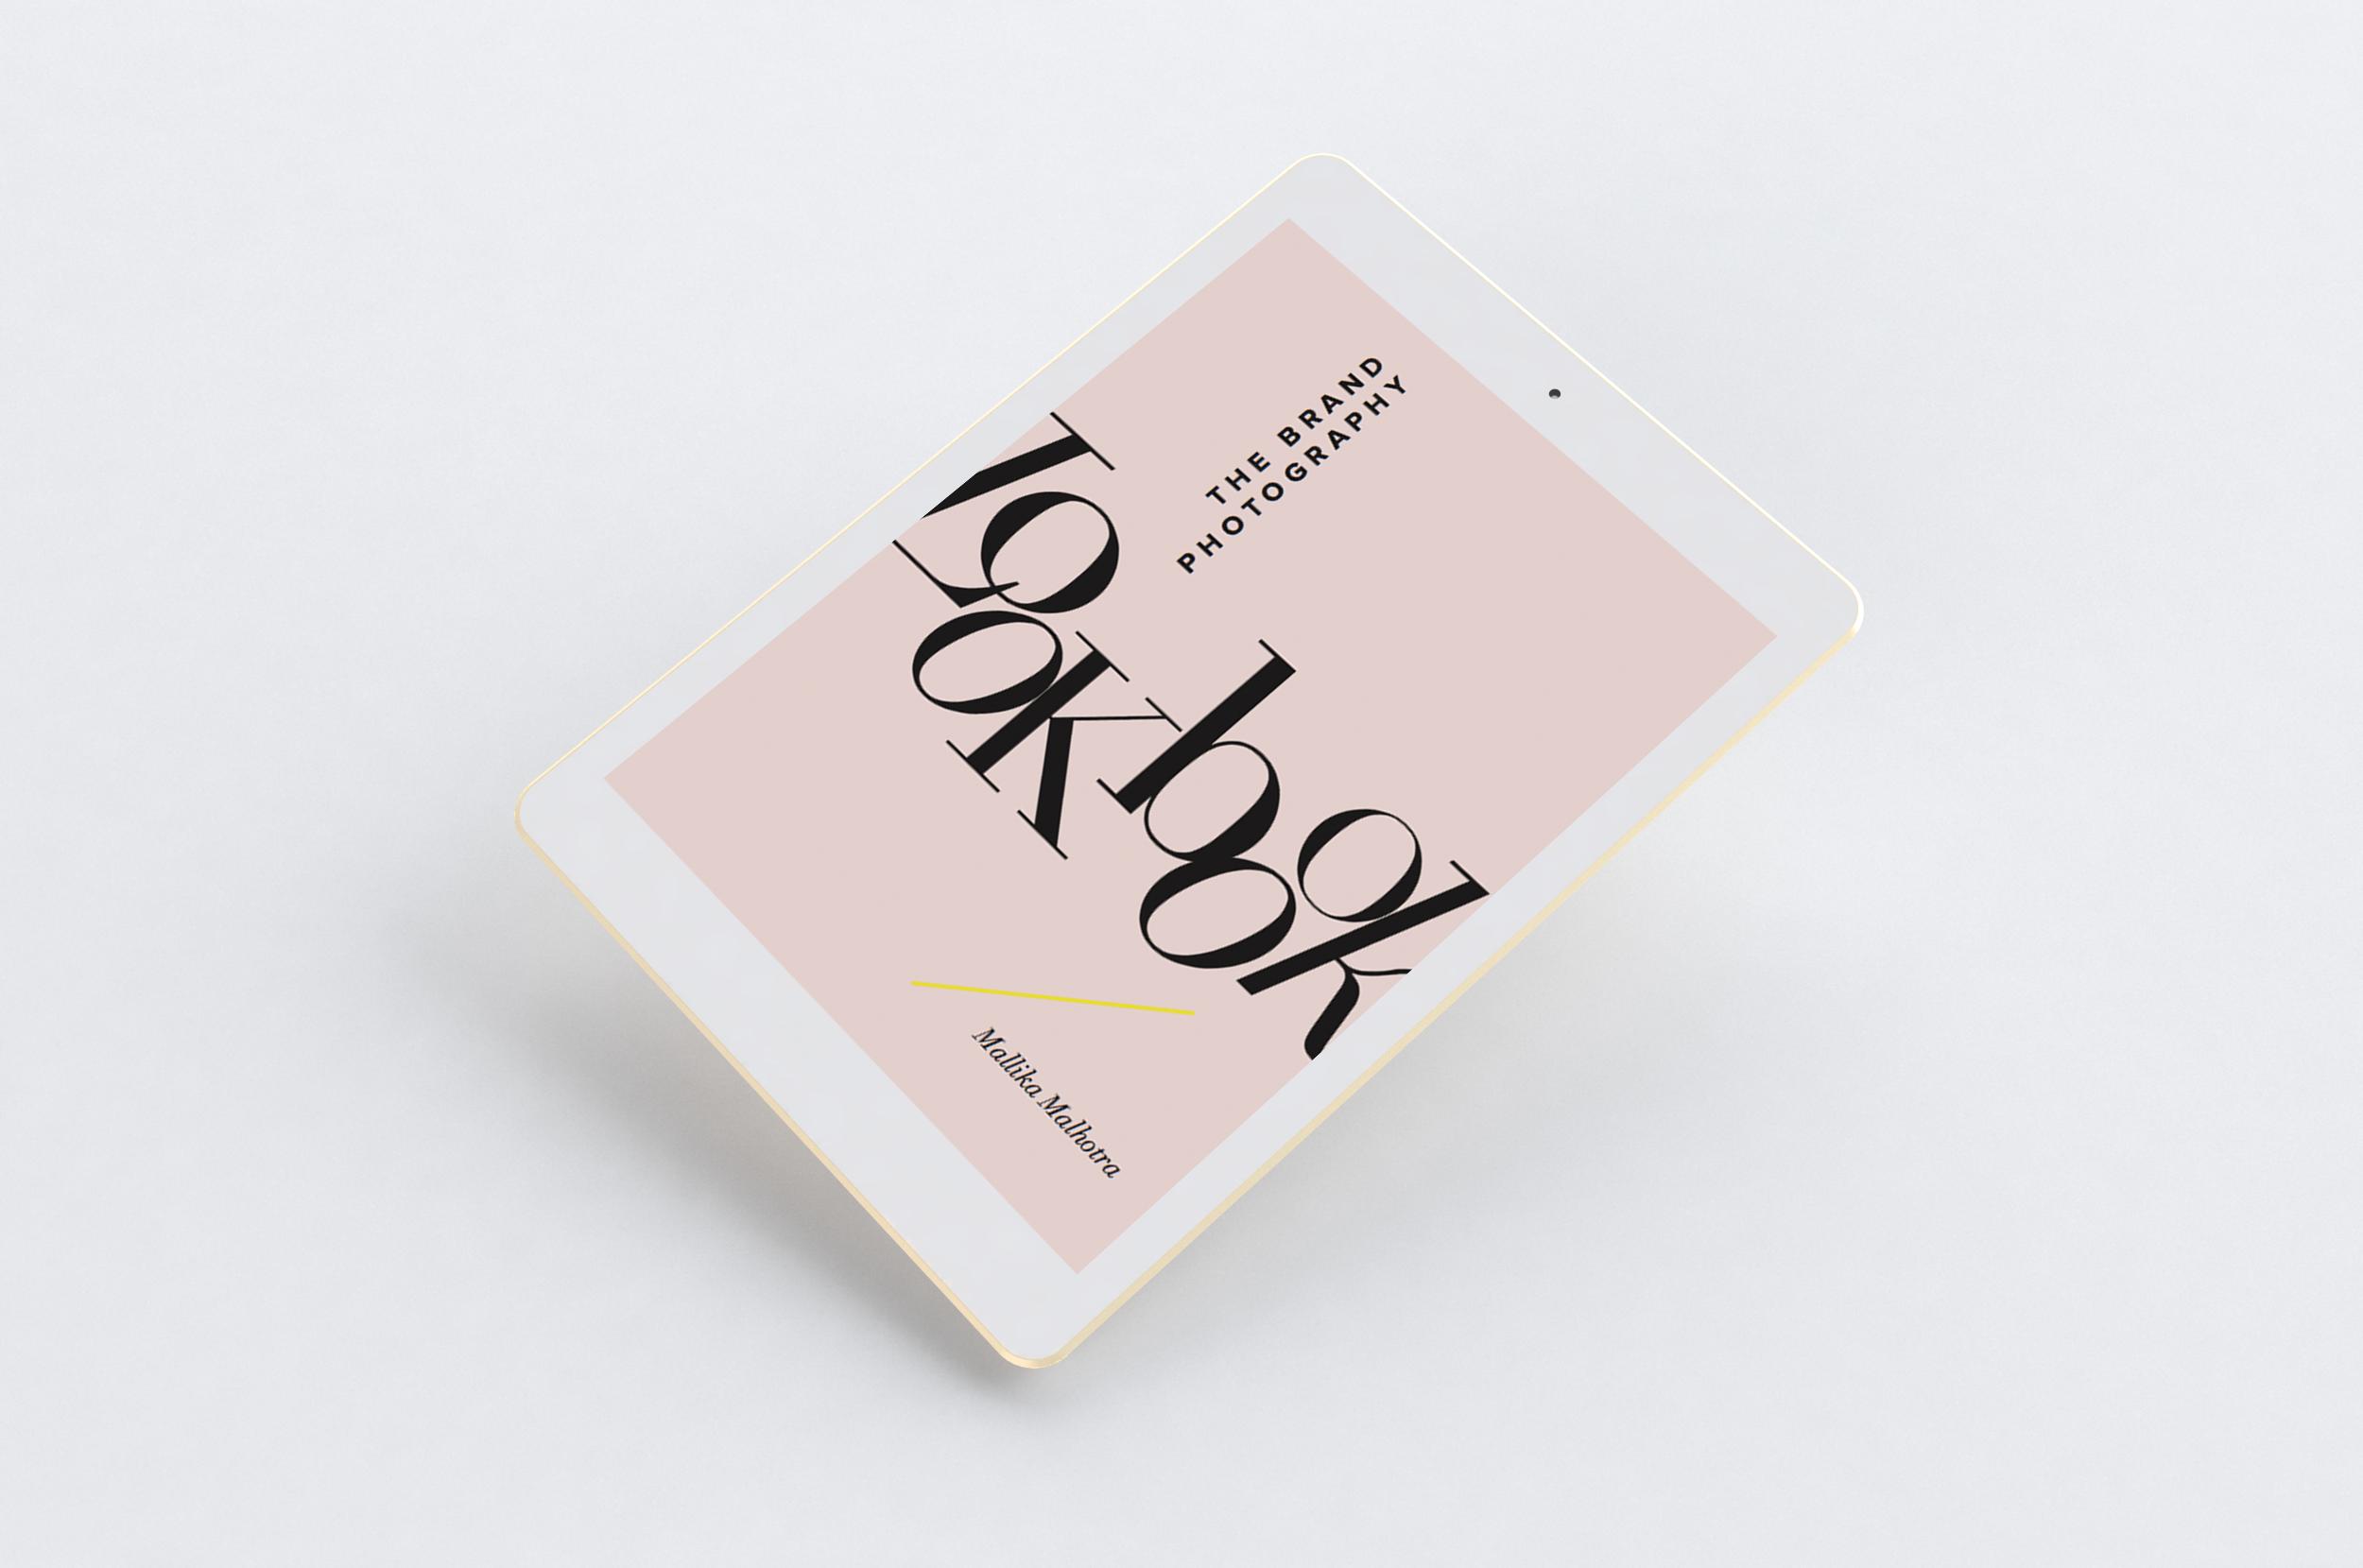 Lookbook- Portfolio & Opt-In eBook Design